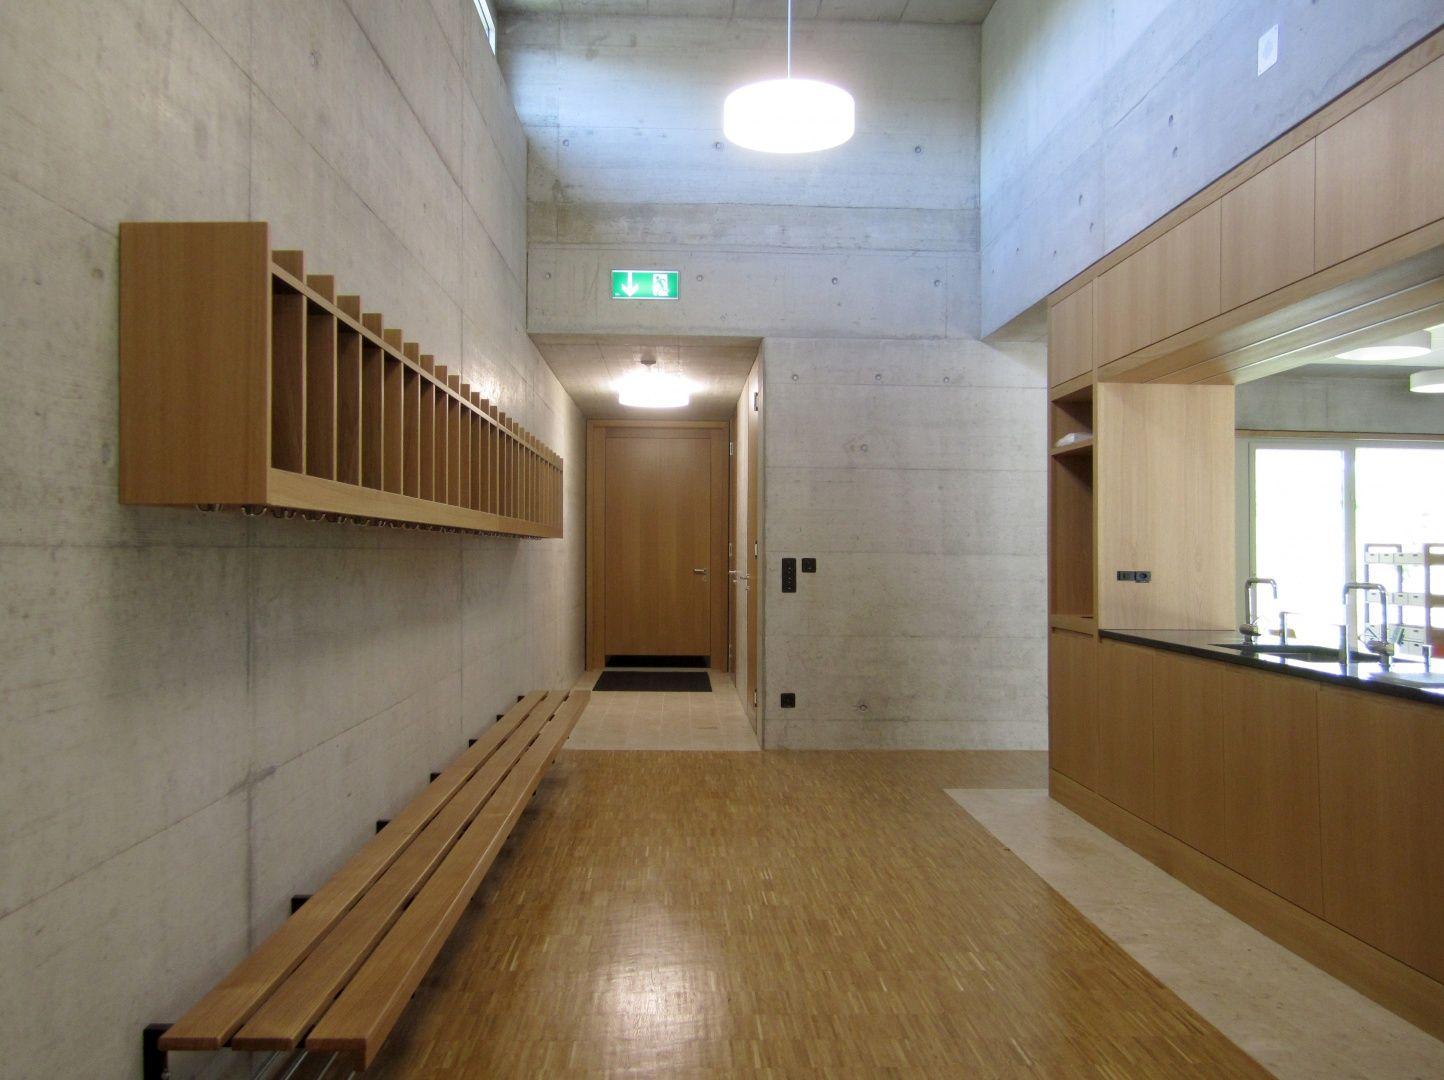 Innenarchitektur Eglisau erweiterung schulanlage steinboden eglisau schweizer